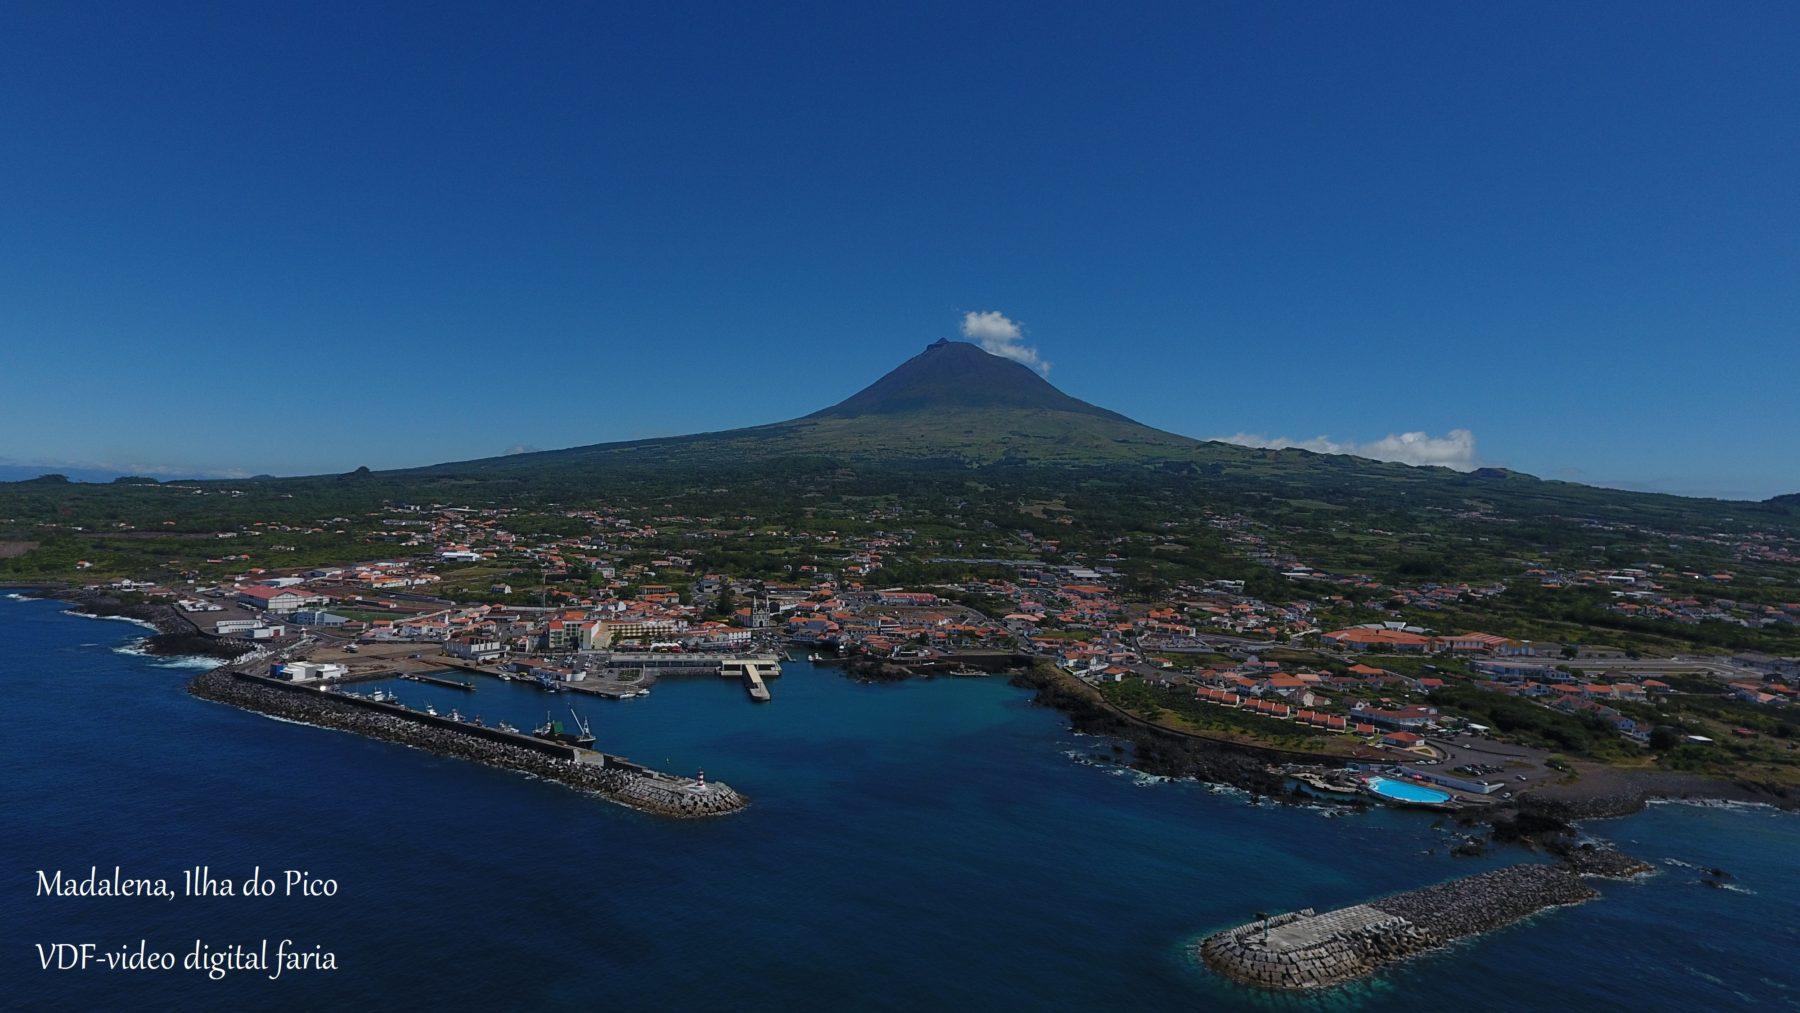 Vila da Madalena Ilha do Pico, Vista aérea com Drone